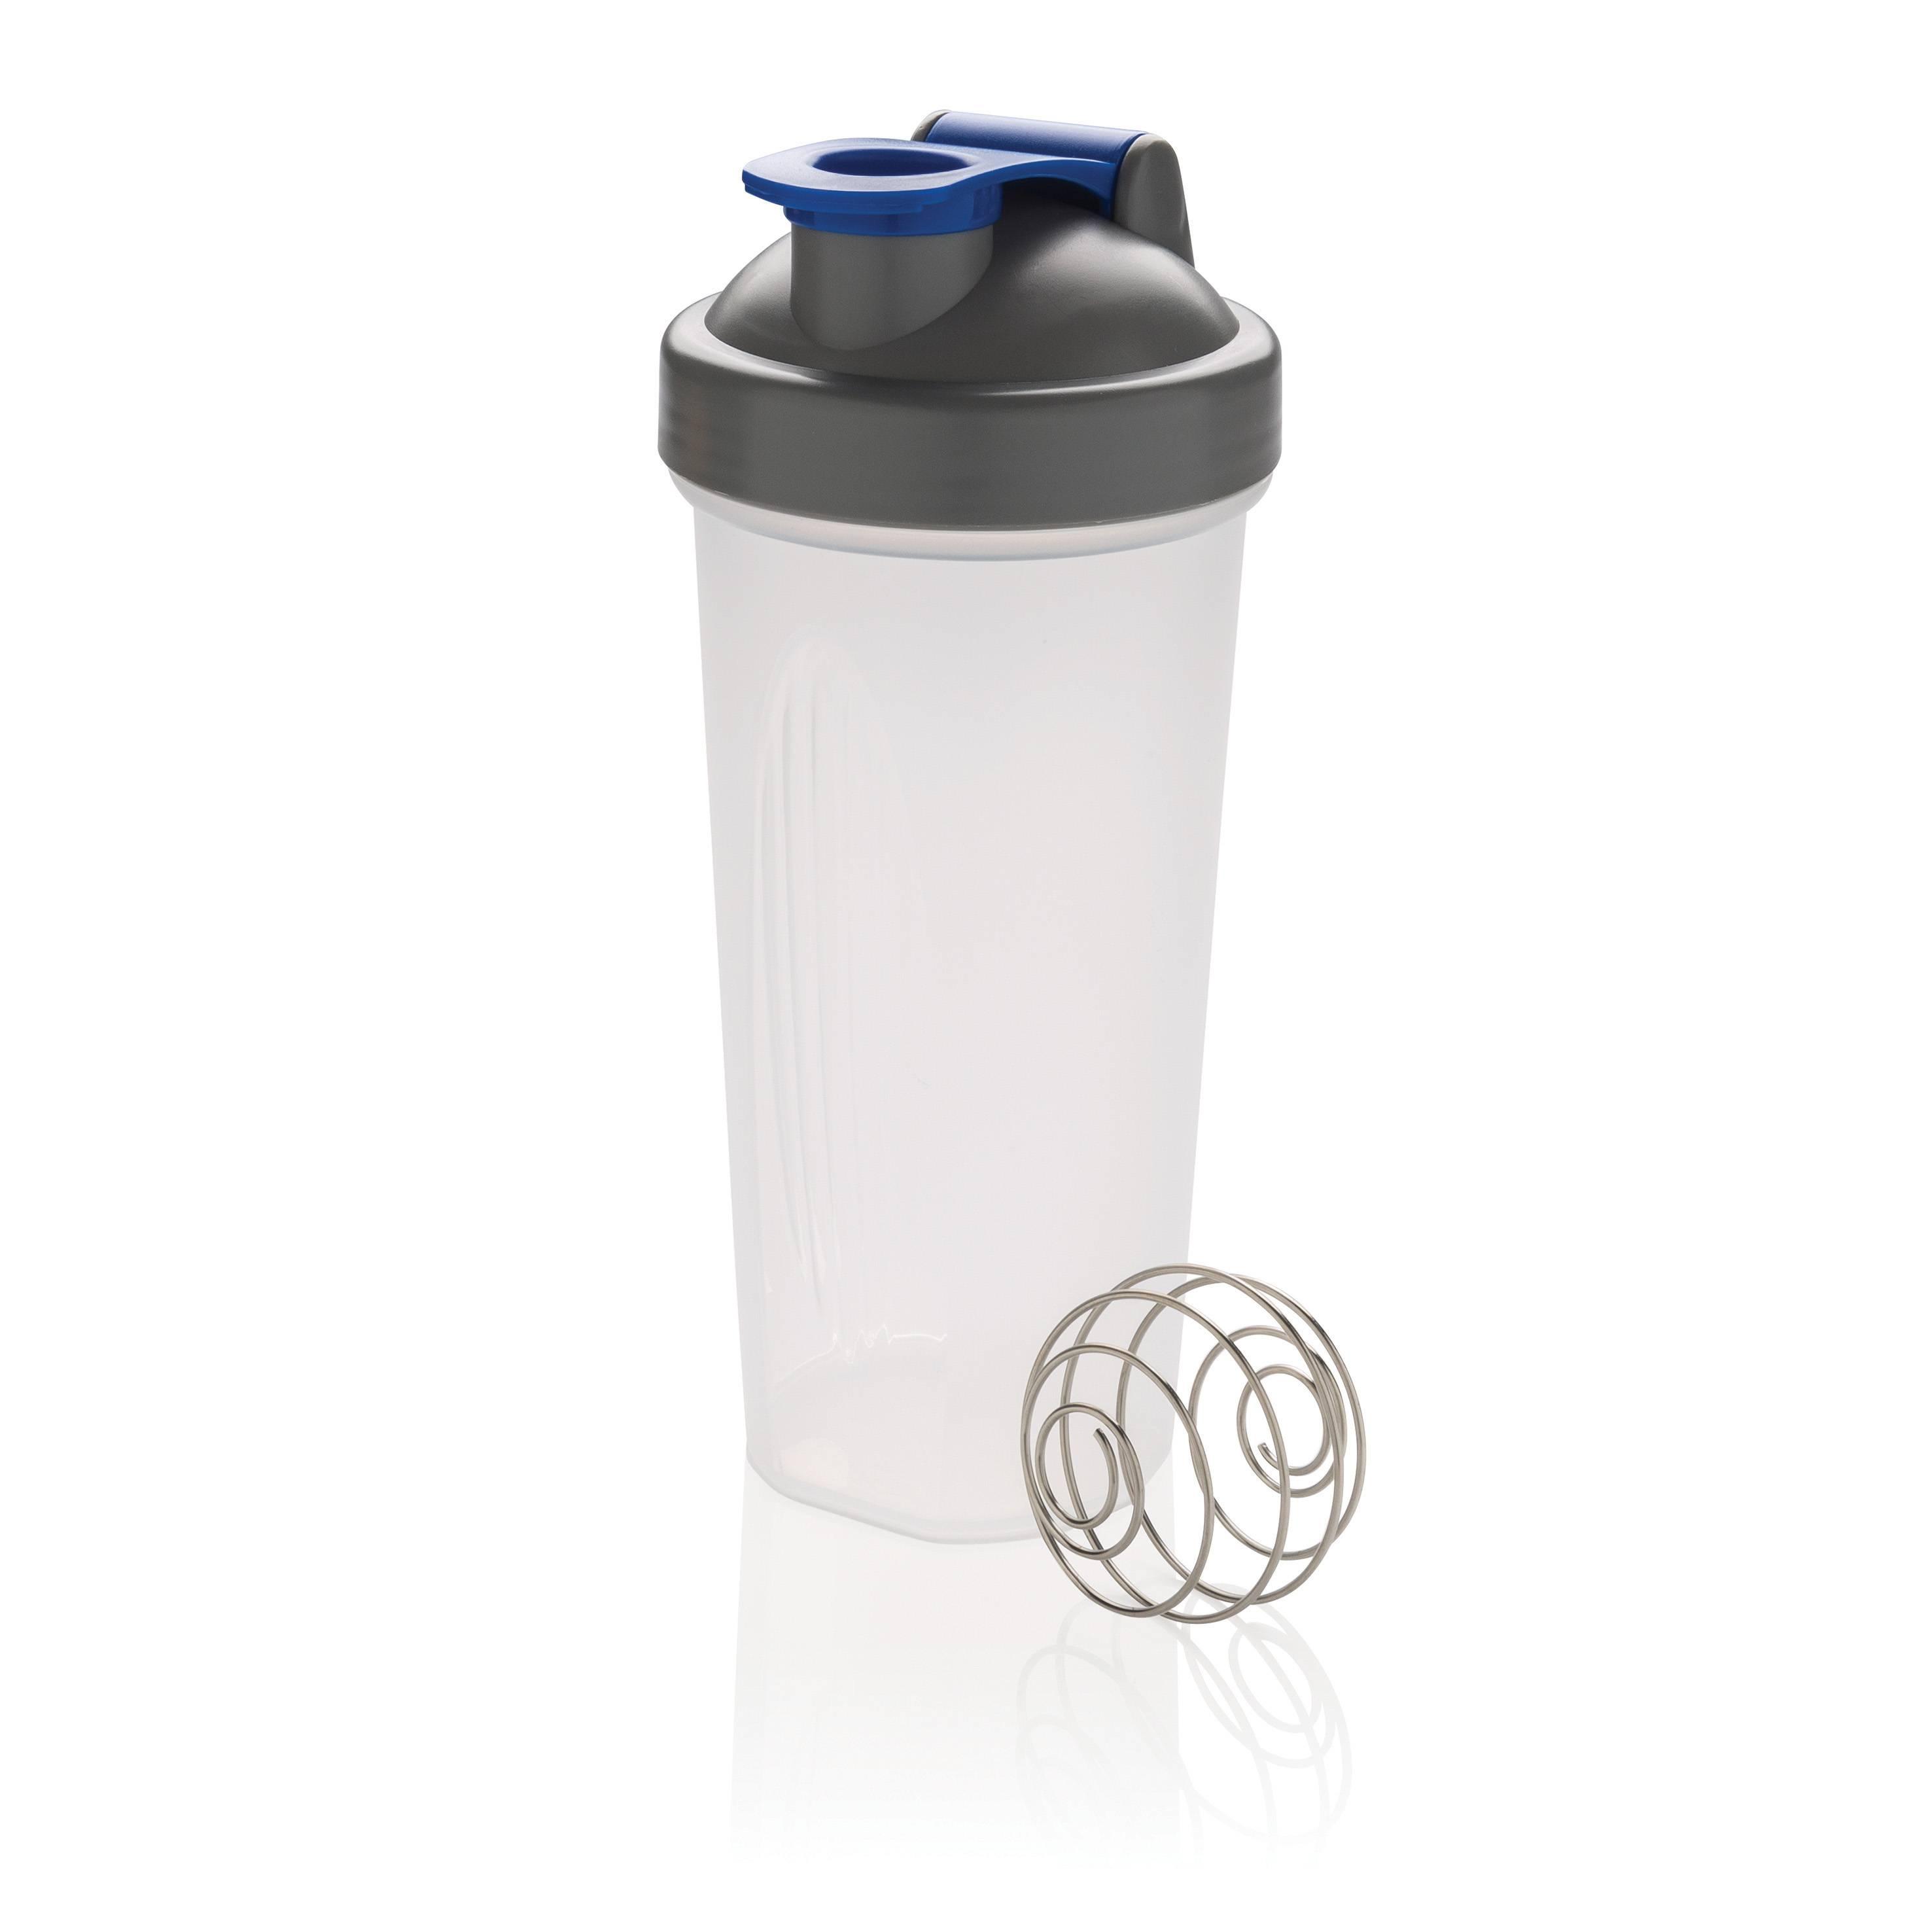 Shakerflaske (Blå)